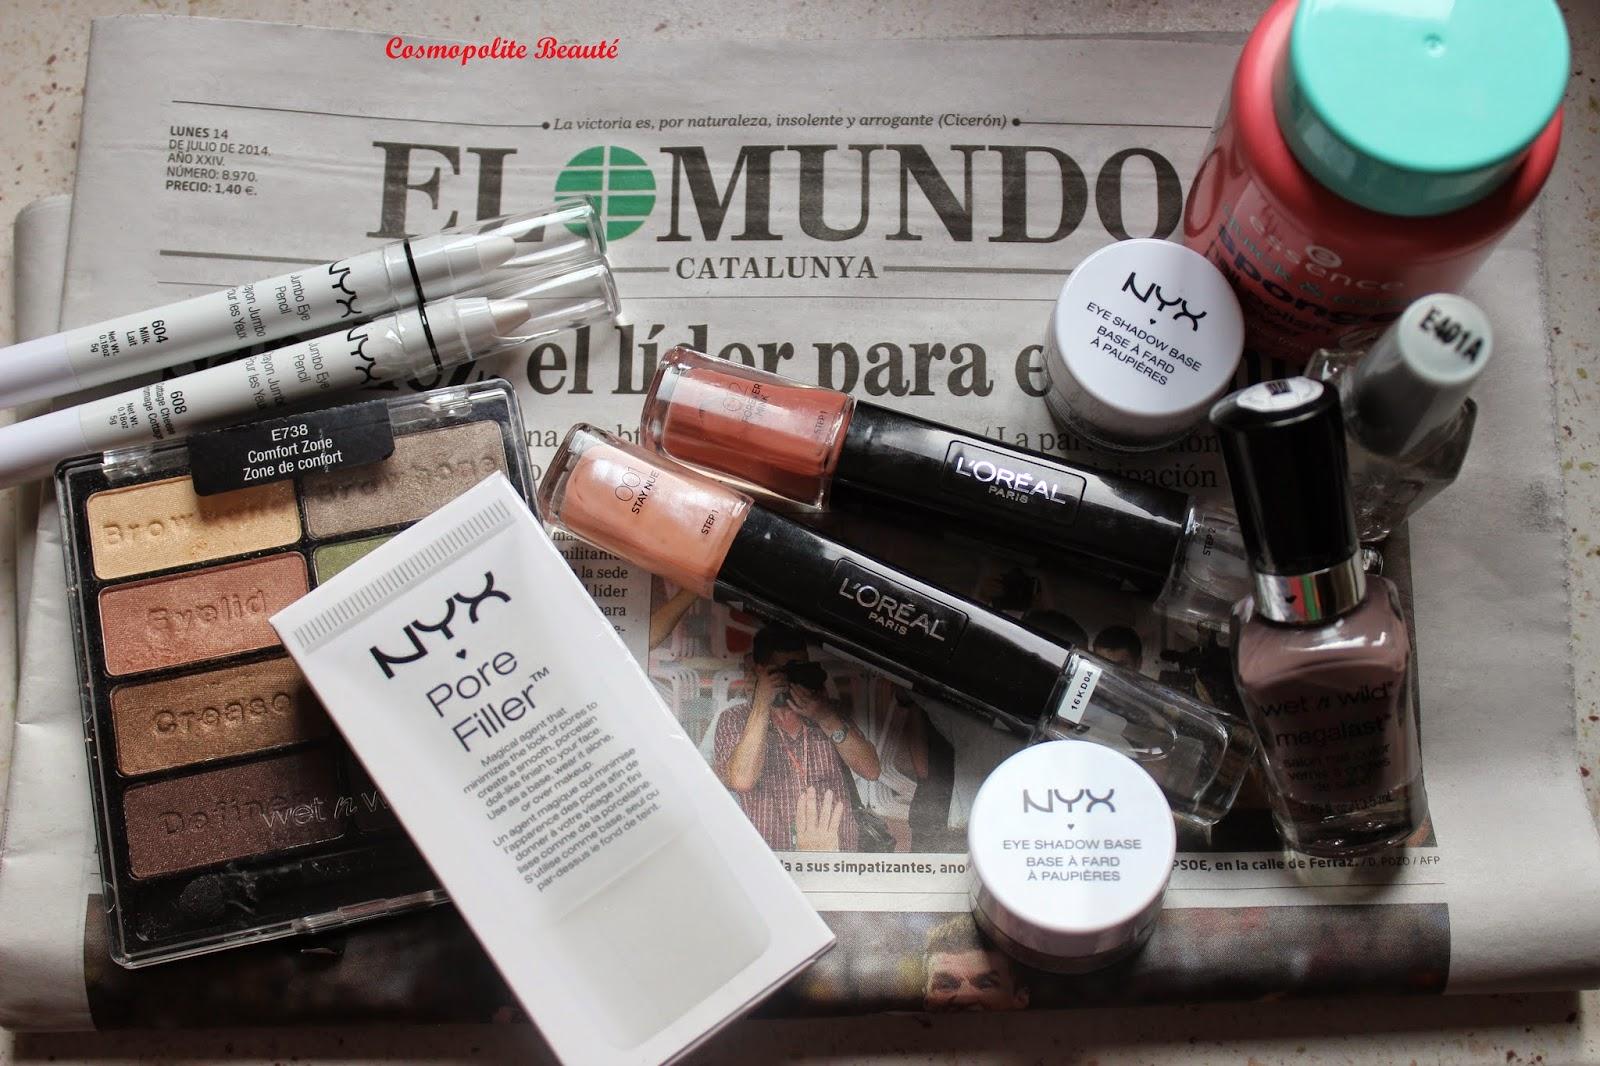 Cosmétiques, maquillage, pas chèr, Barcelone, Espagne, voyage, carnet de voyage, Barcelona, beauté, mode, boutiques